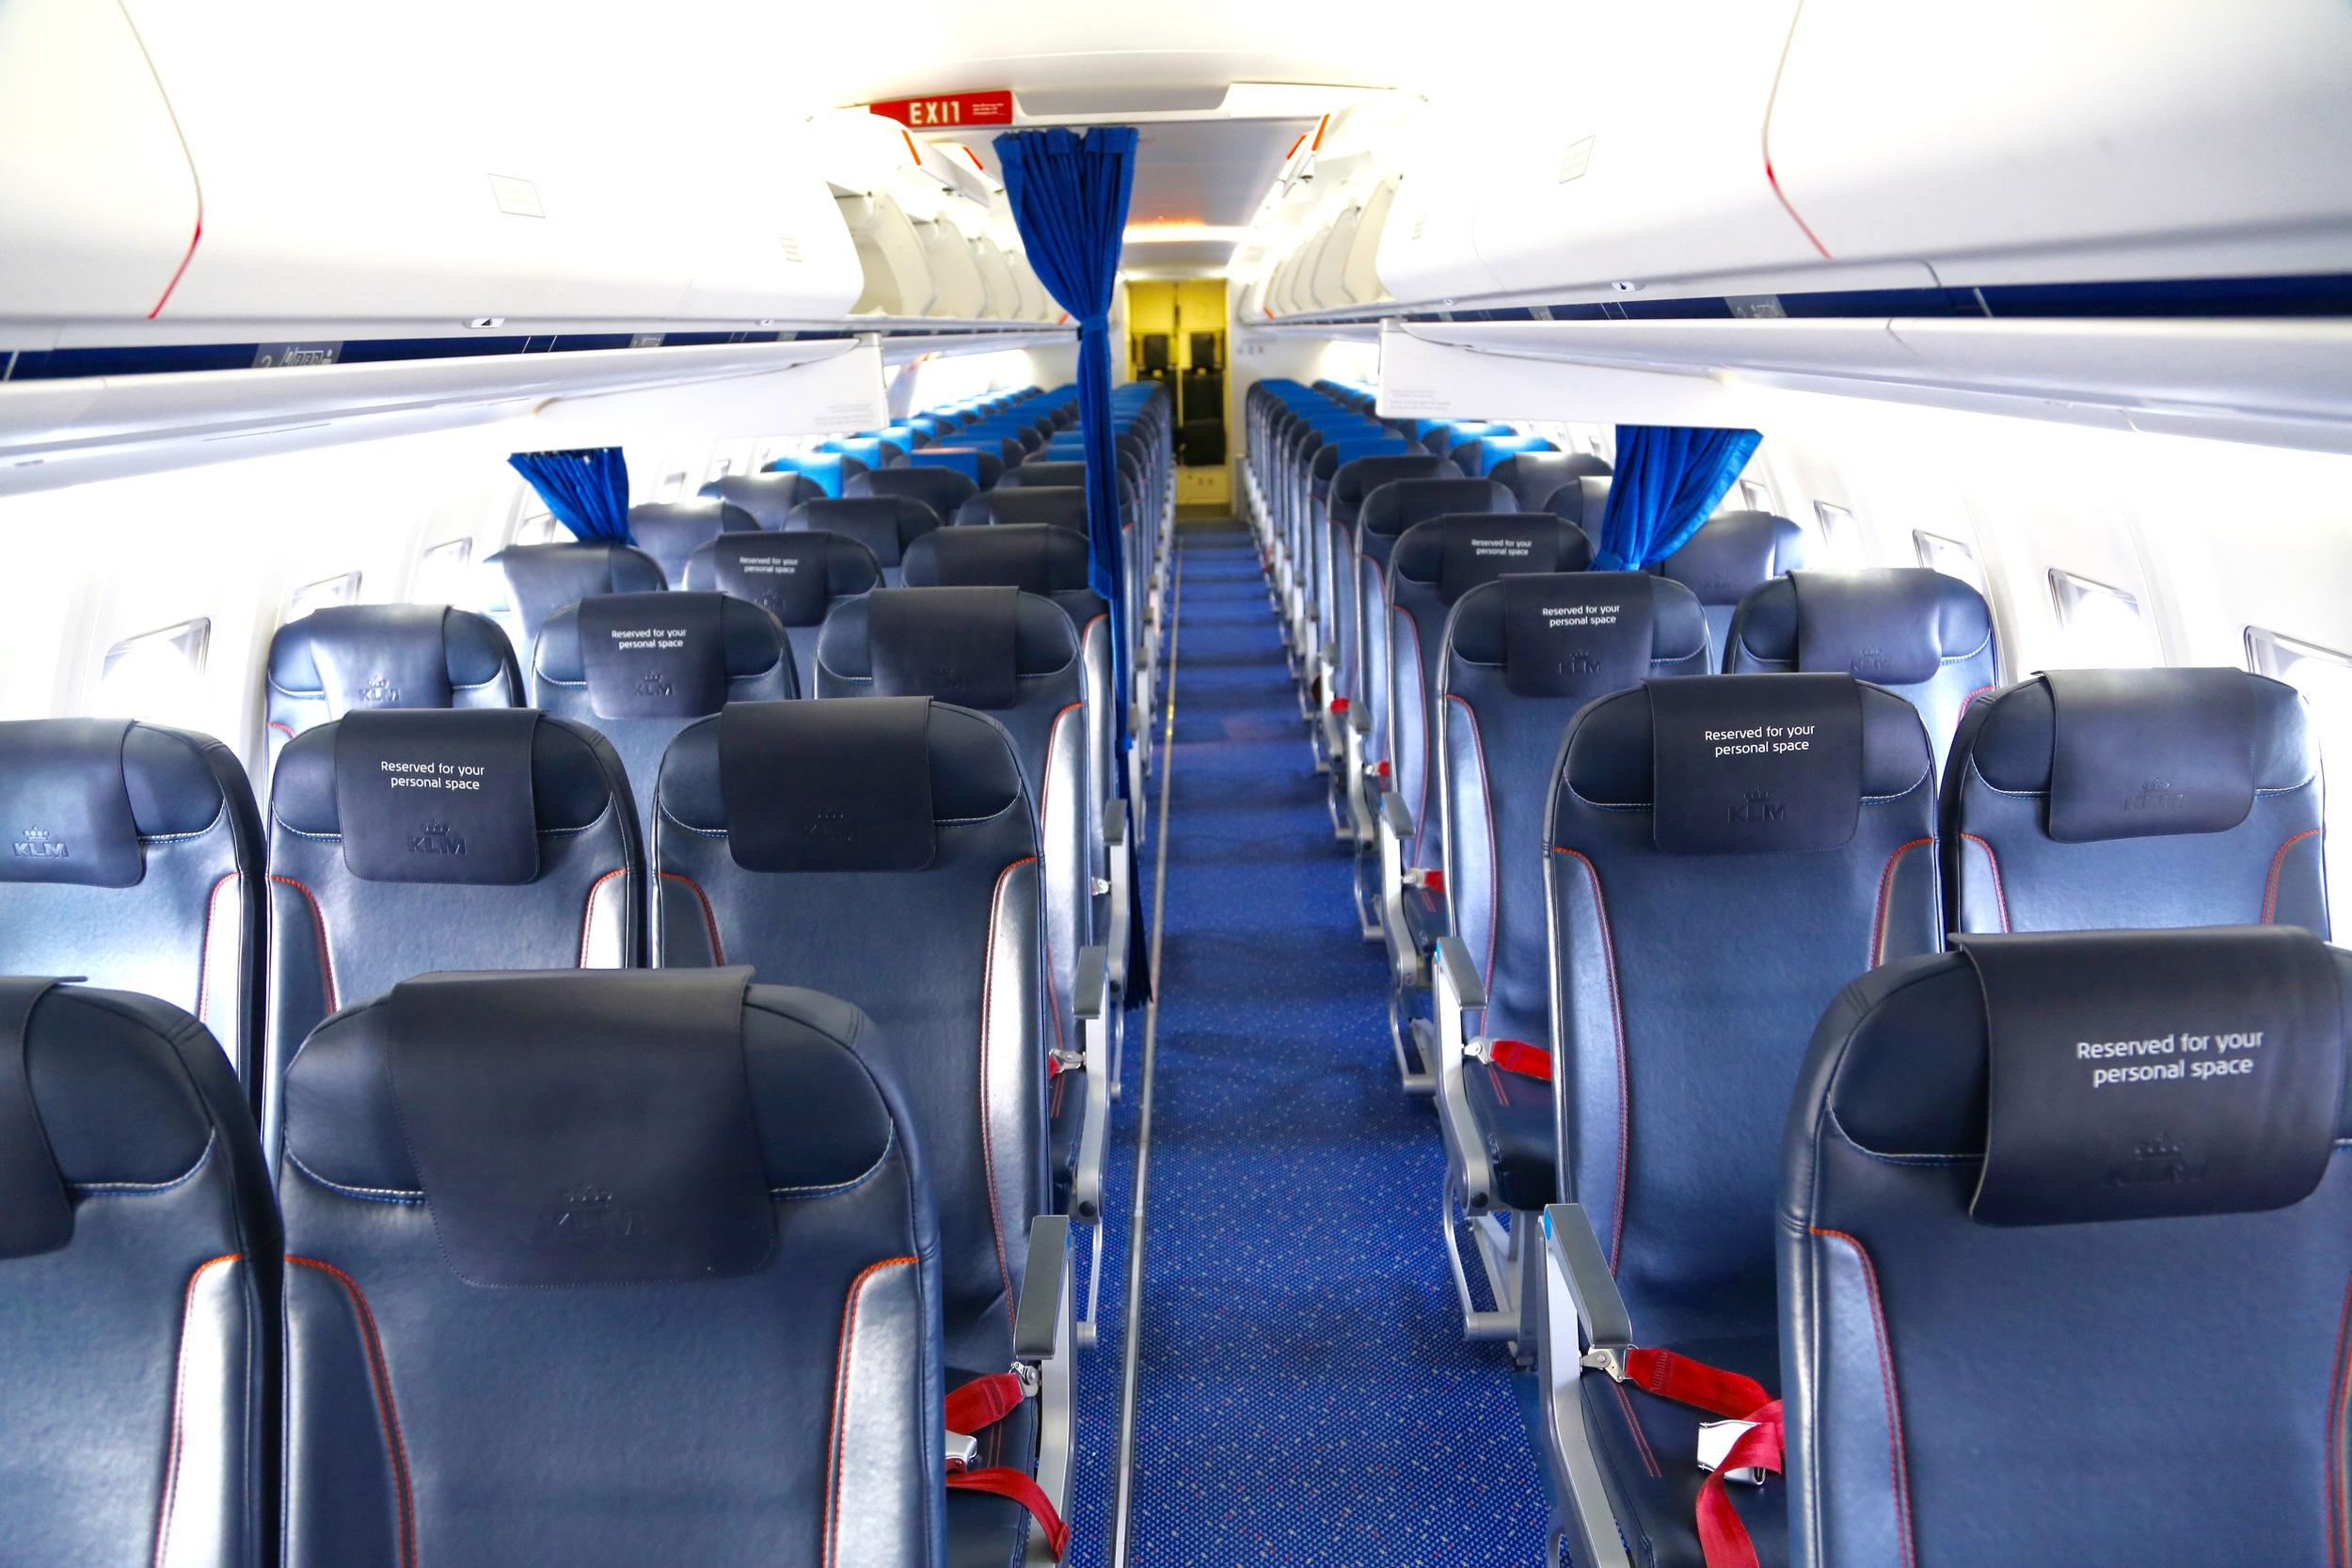 Du kan skaffe deg et billigere flysete dersom du bestiller på riktig dag.    Foto: Odd Roar Lange